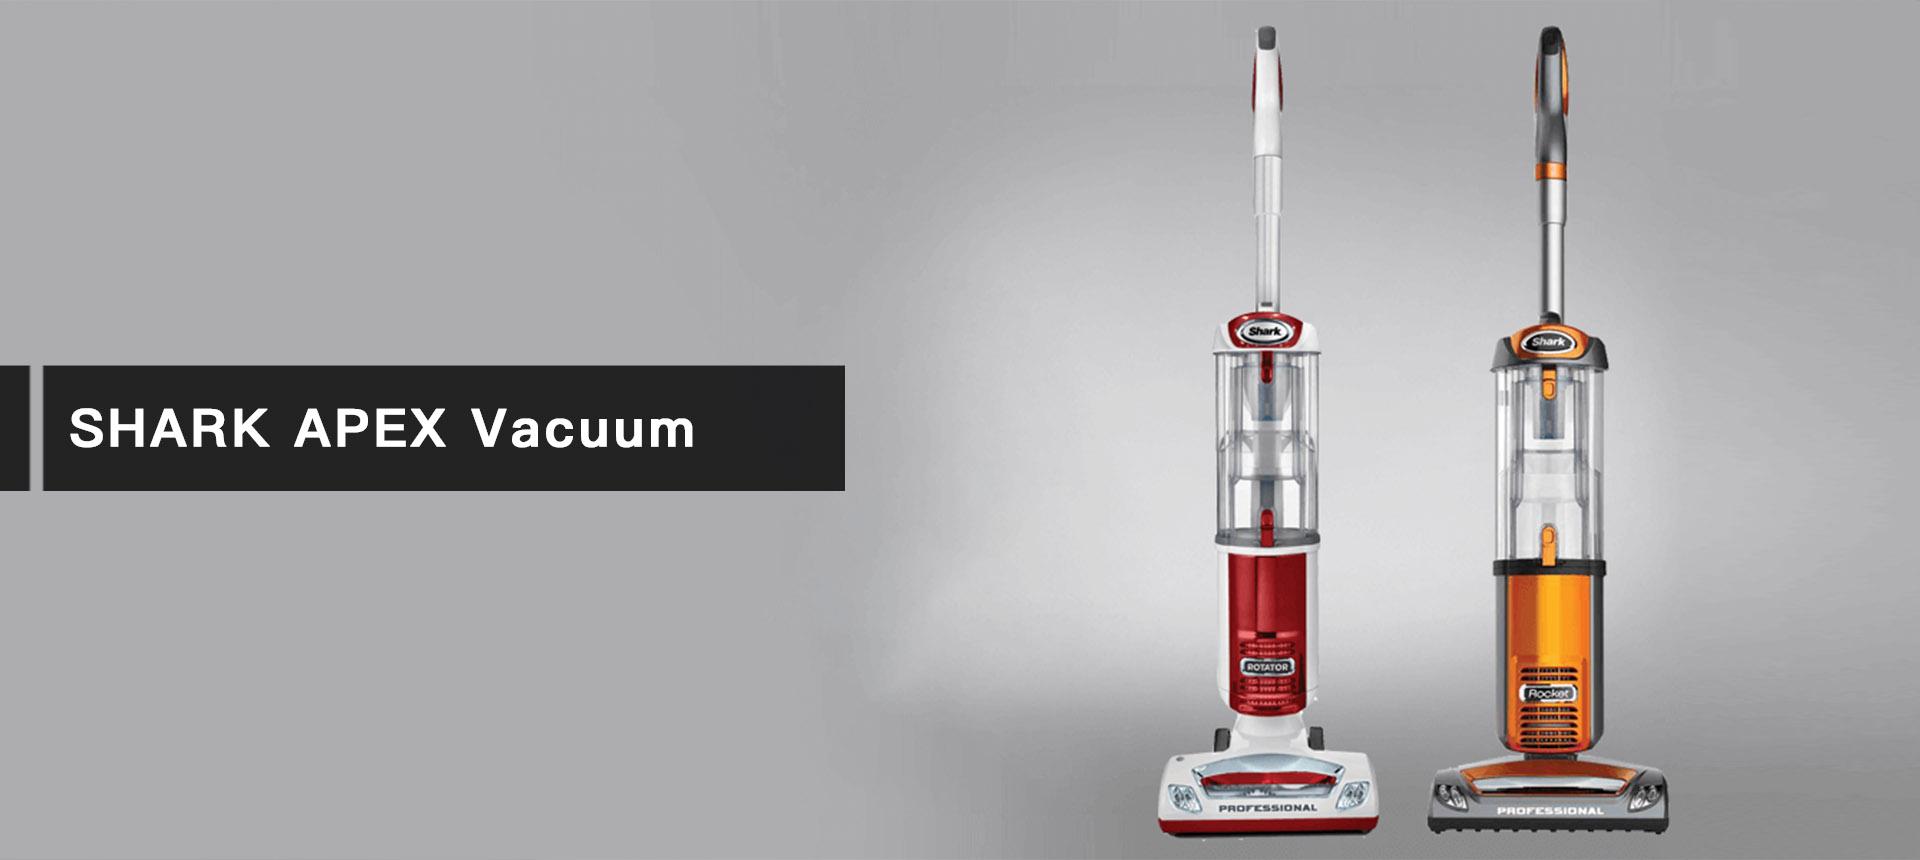 SHARKAPEX Vacuum